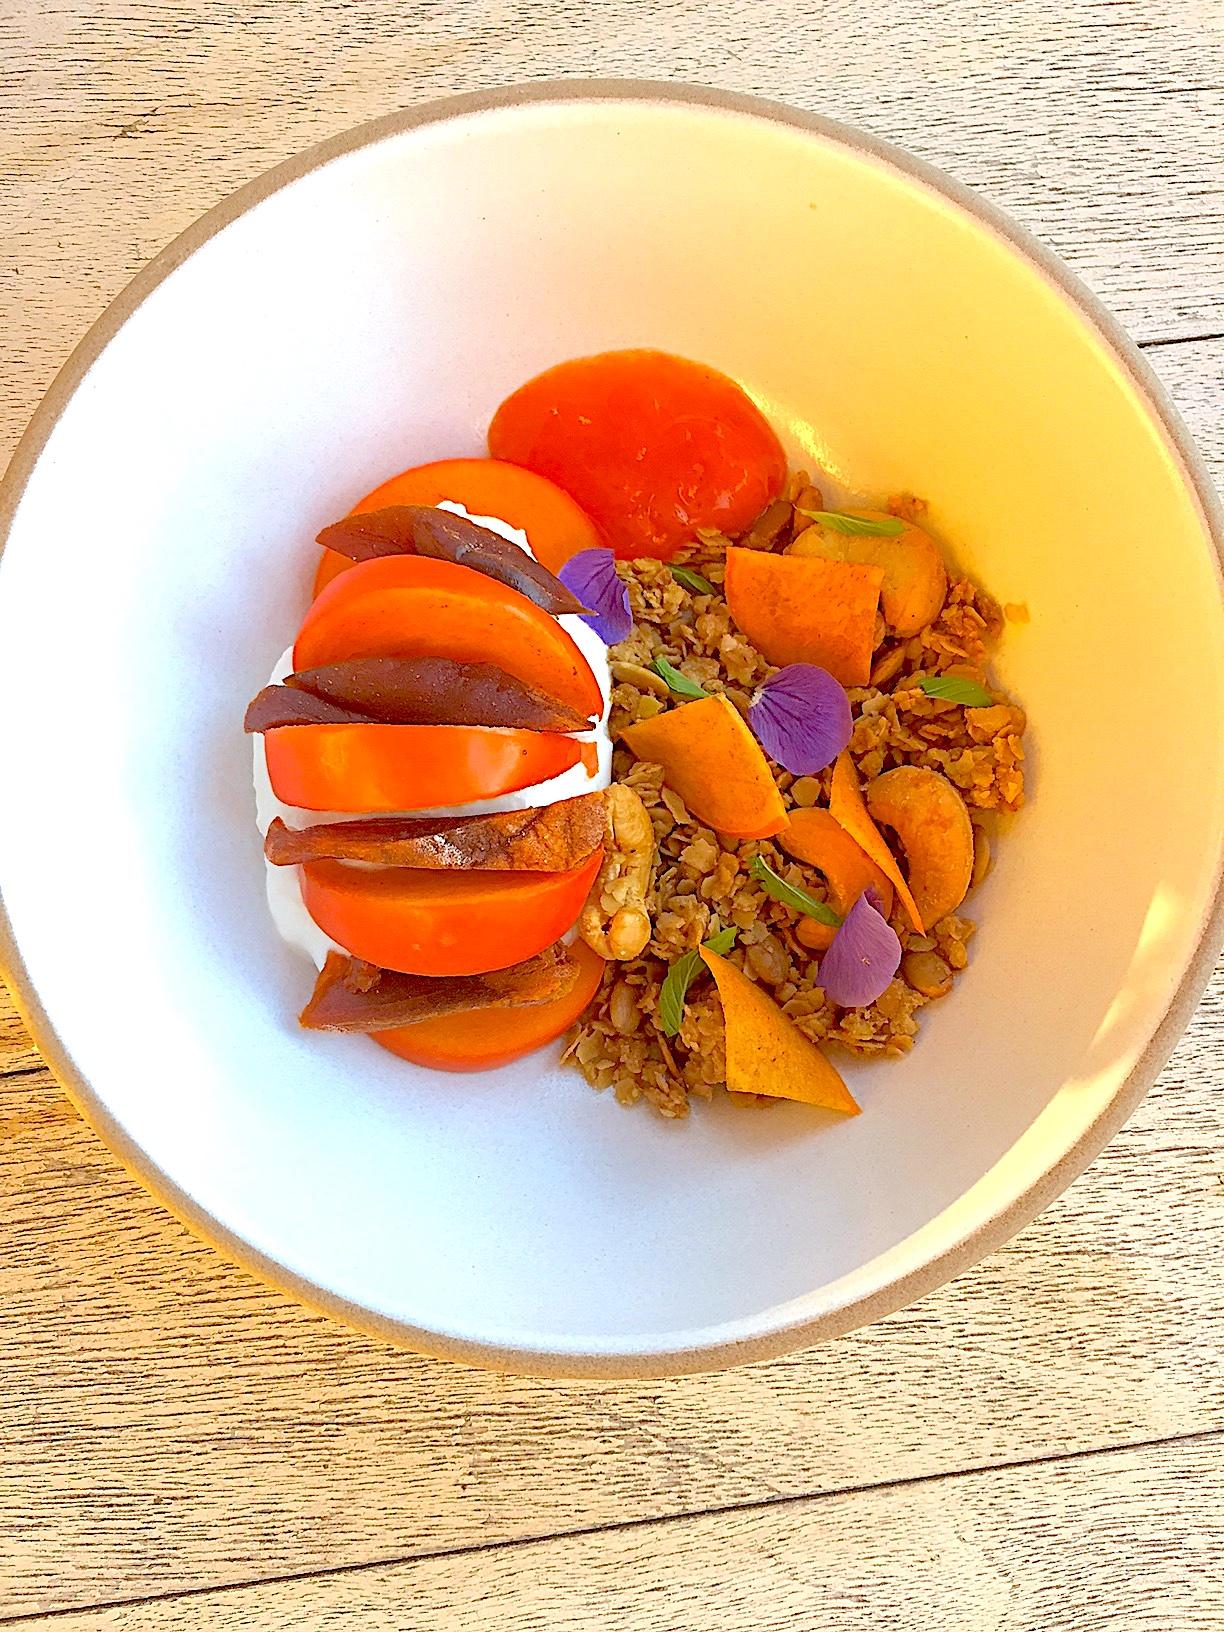 granola bowl recipe with persimmon